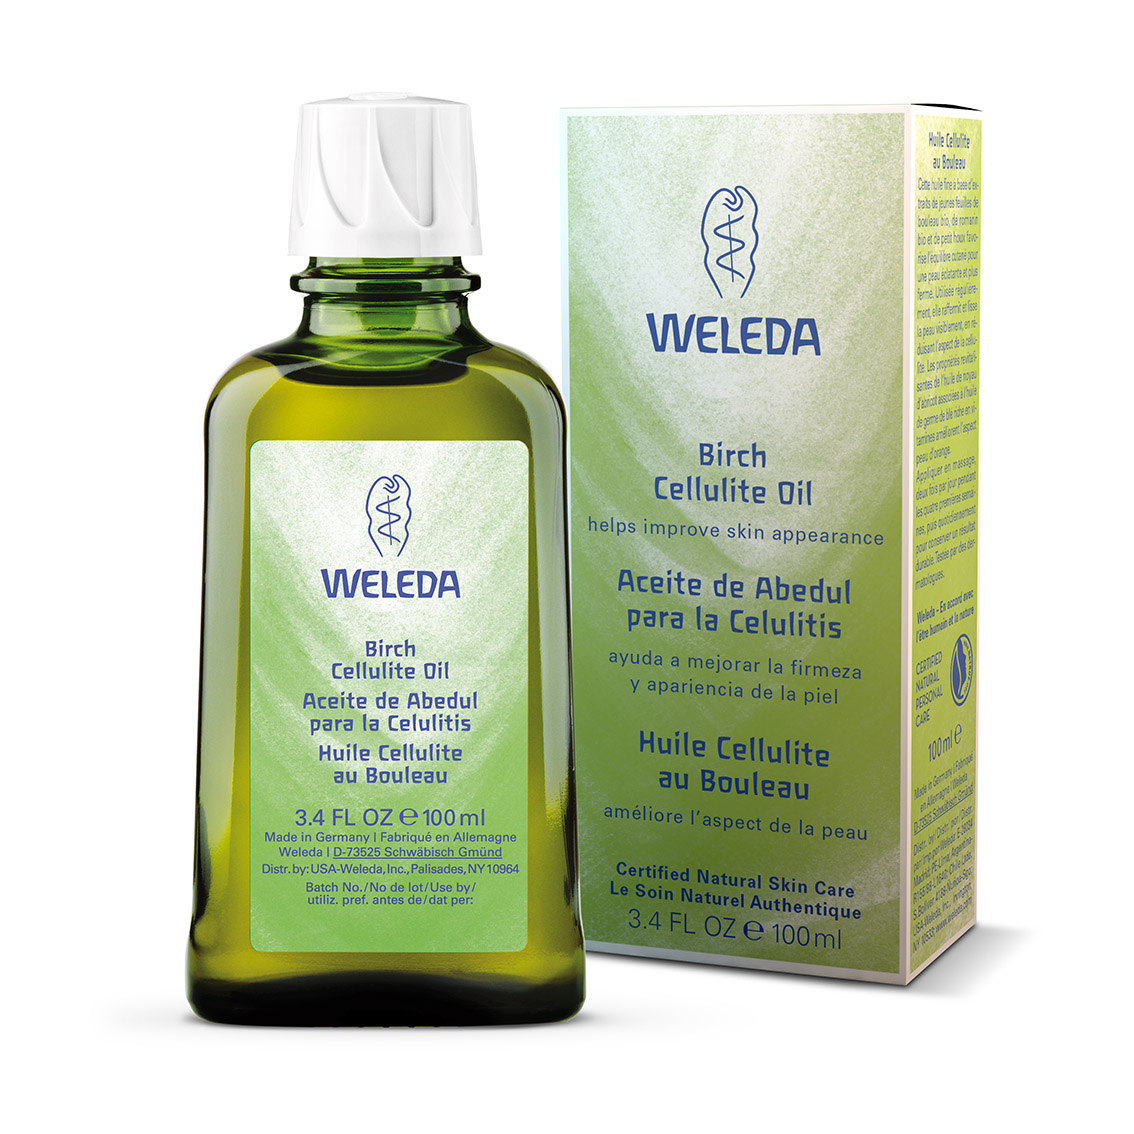 Aceite de Abedul de Weleda con packaging_Precio 21,90 euros